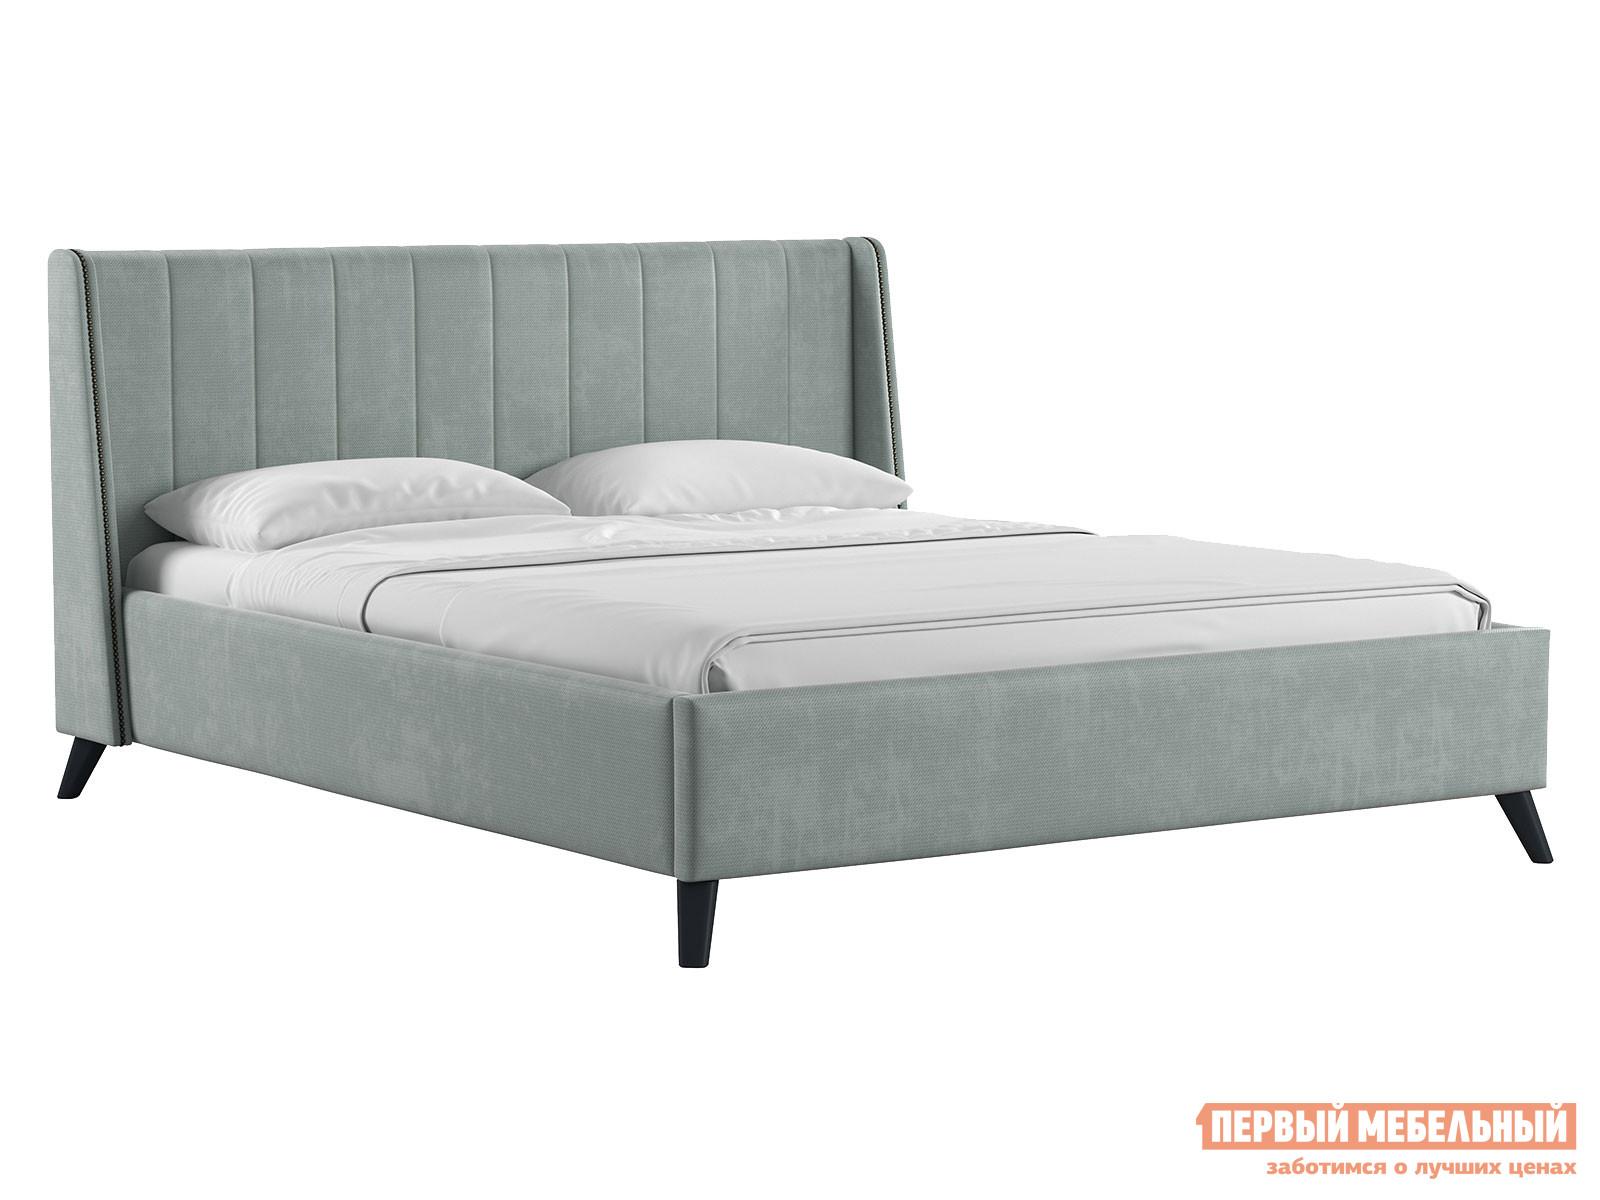 Двуспальная кровать  Кровать Мелисса с подъемным механизмом 160х200 Серебристый серый, велюр